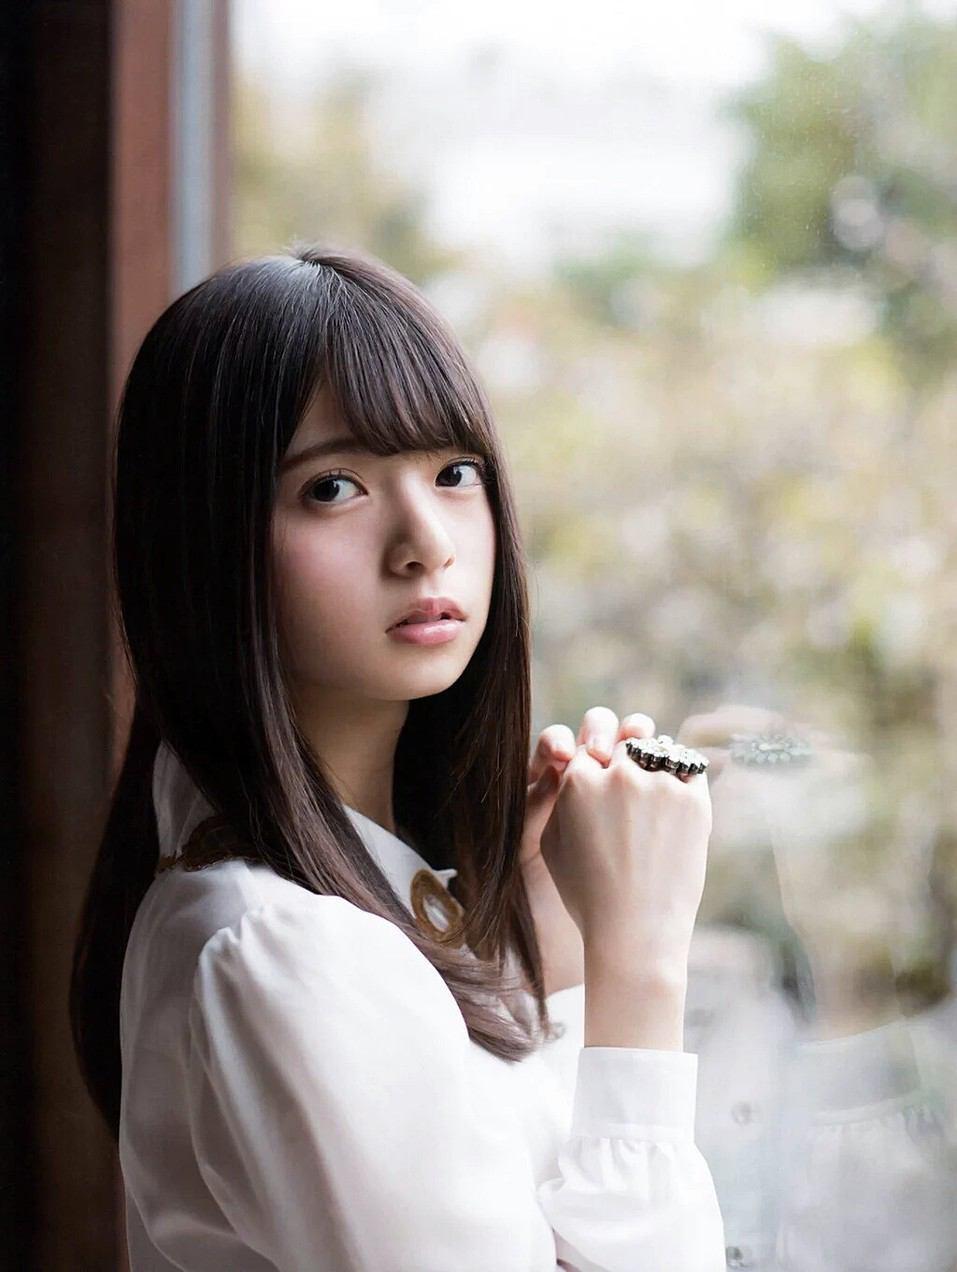 乃木坂46齋藤飛鳥のピラメキーノ...